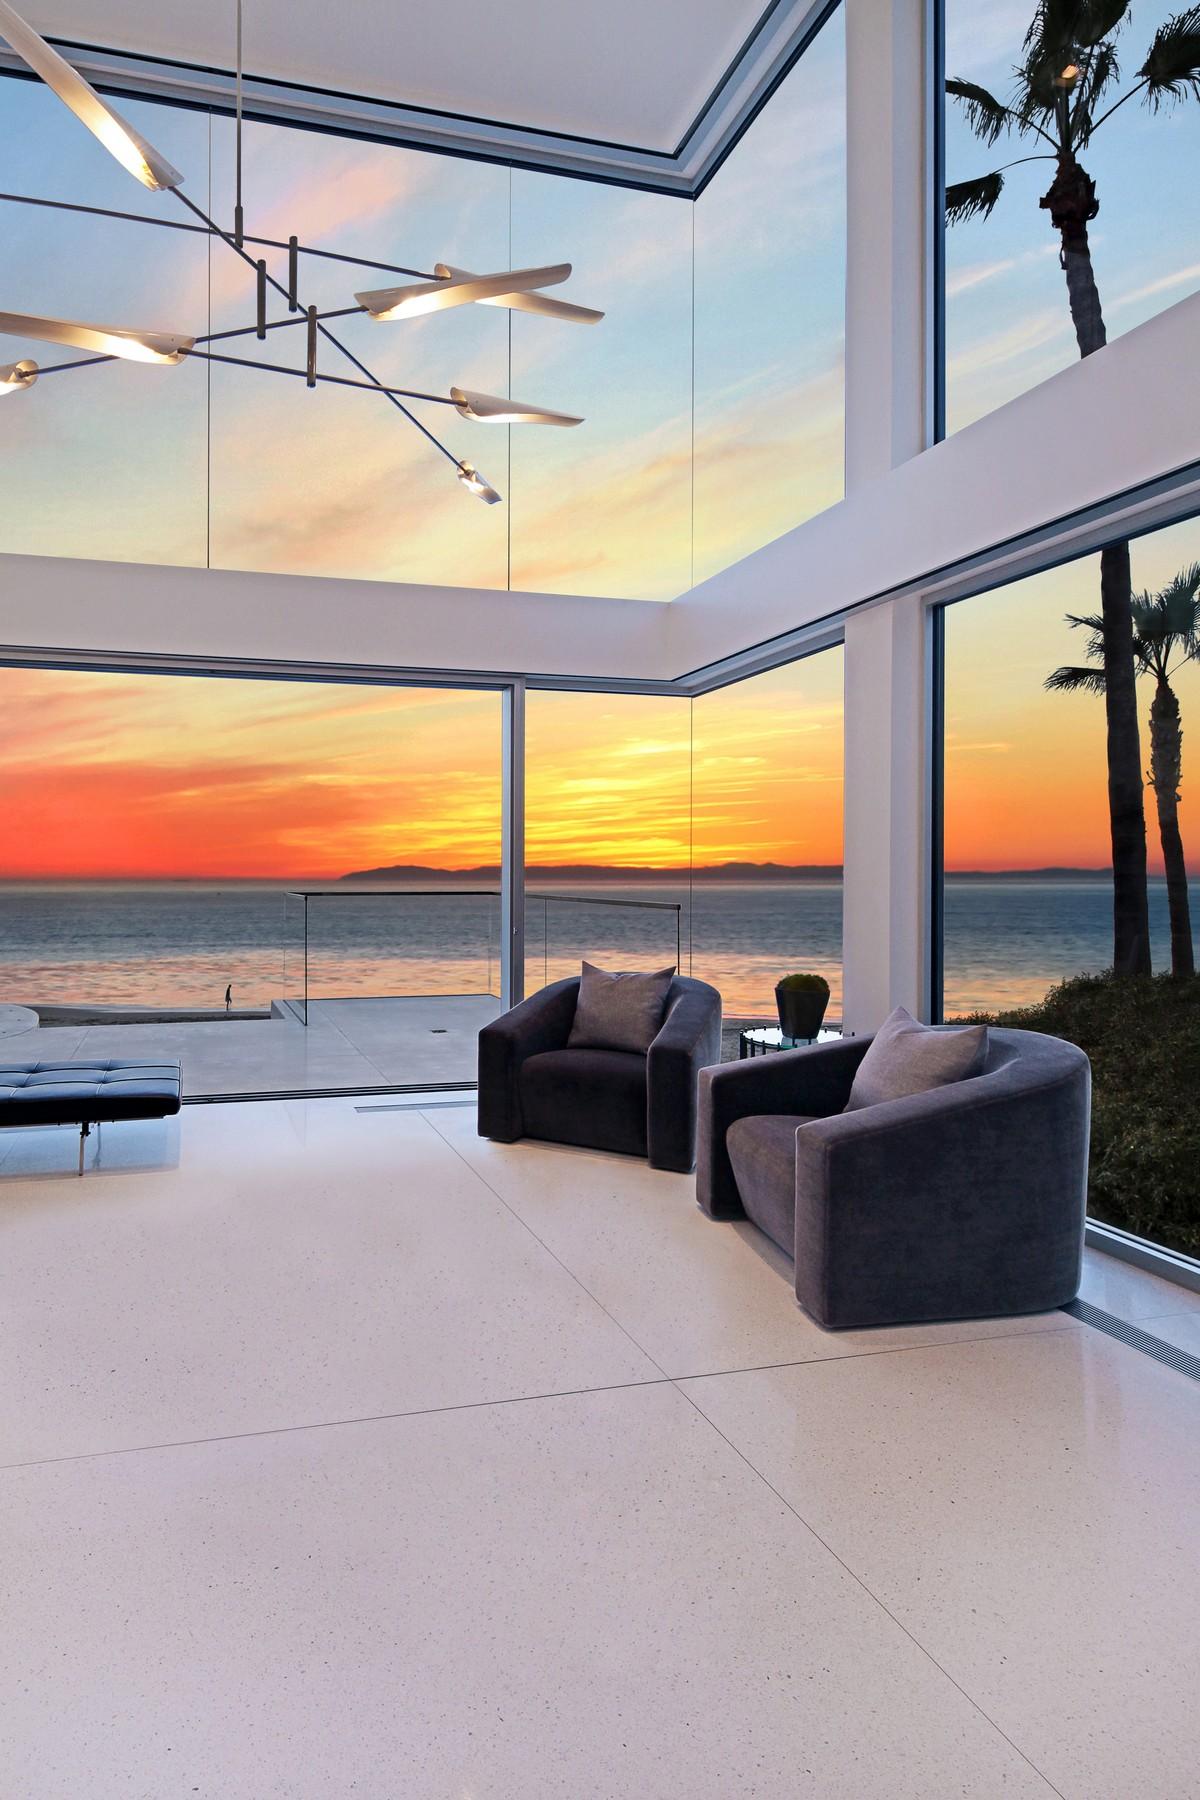 단독 가정 주택 용 매매 에 24 Lagunita Dr. Laguna Beach, 캘리포니아, 92651 미국